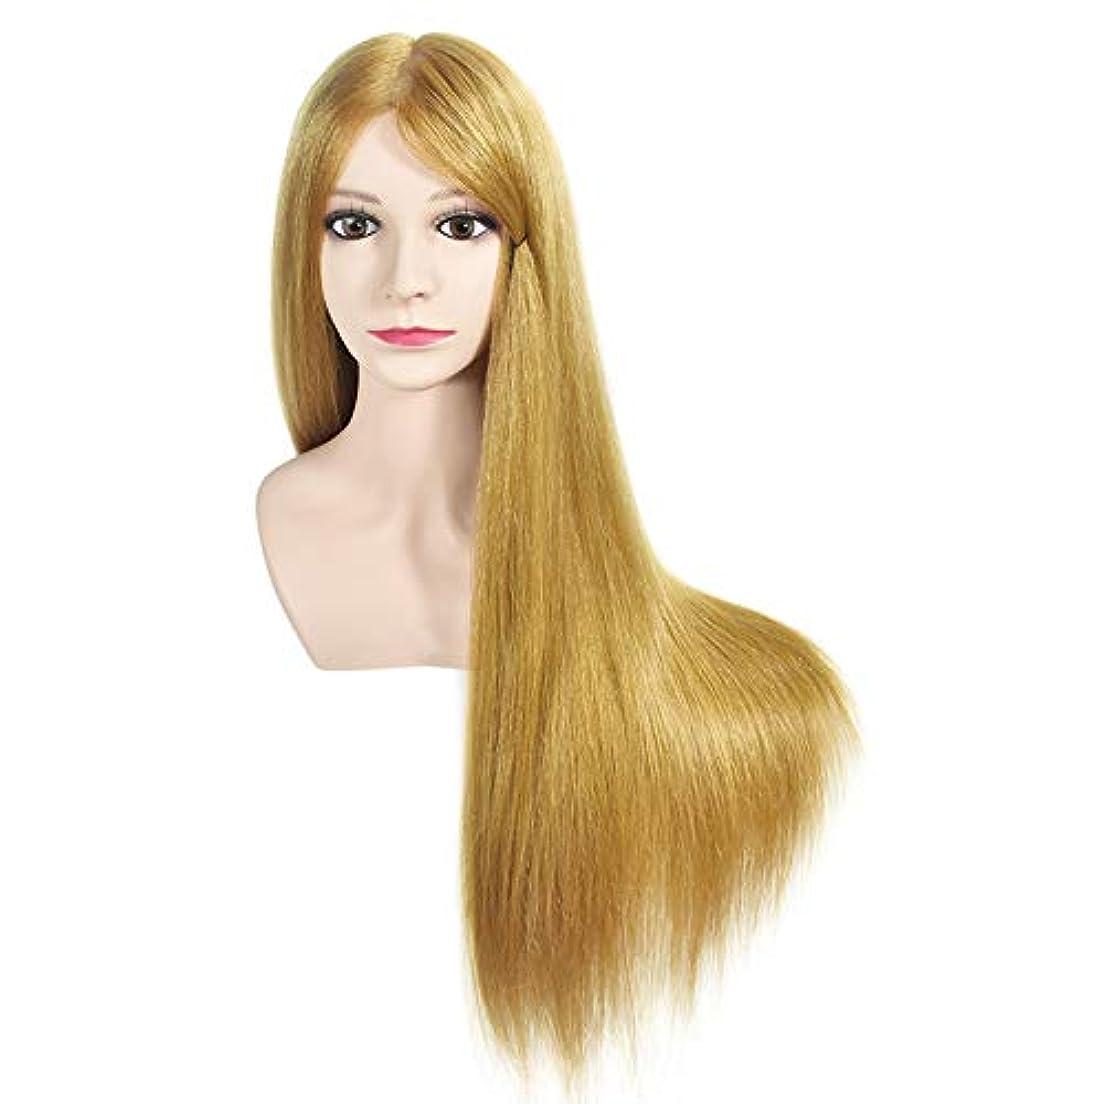 王女成果大きさサロンヘアブレイド理髪指導ヘッドスタイリング散髪ダミーヘッド化粧学習ショルダーマネキンヘッド